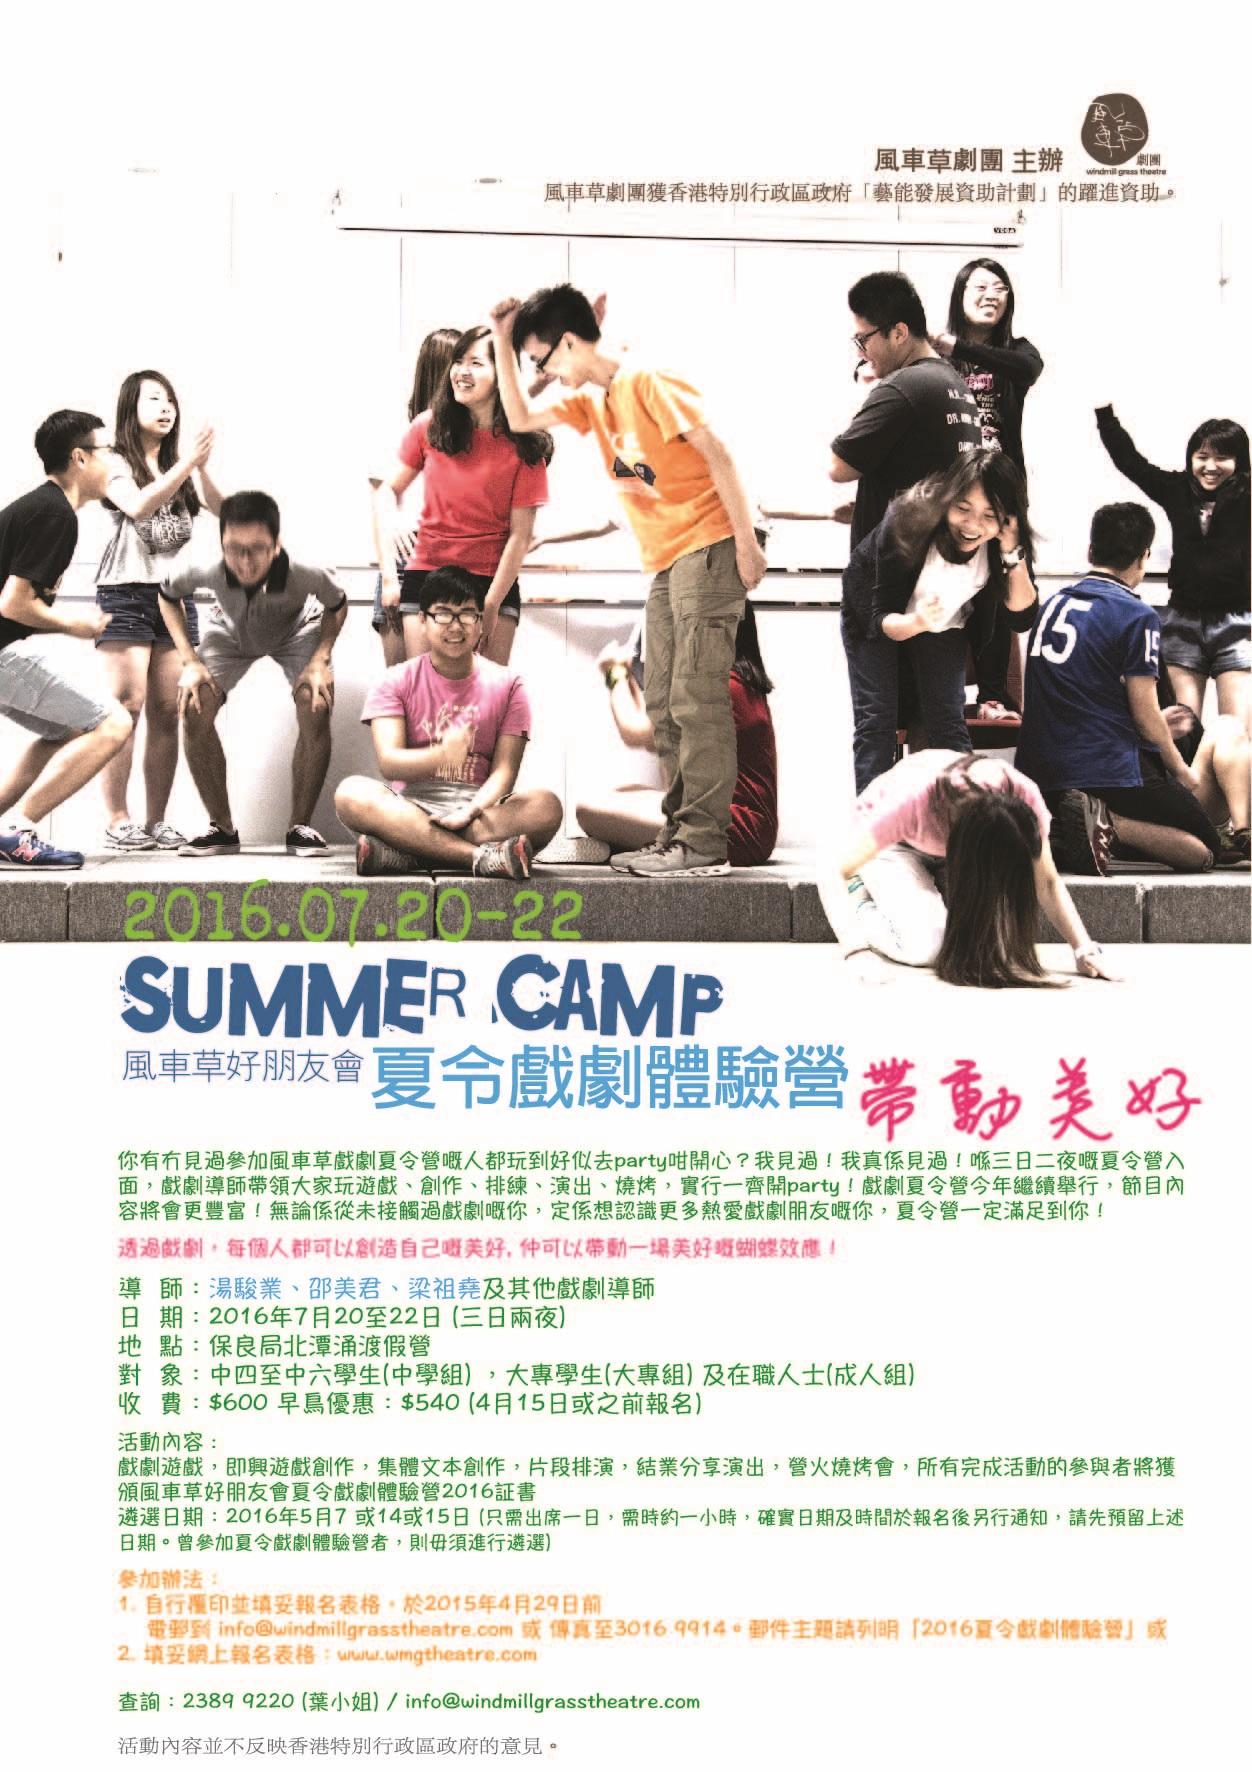 風車草好朋友會-夏令戲劇體驗營2016